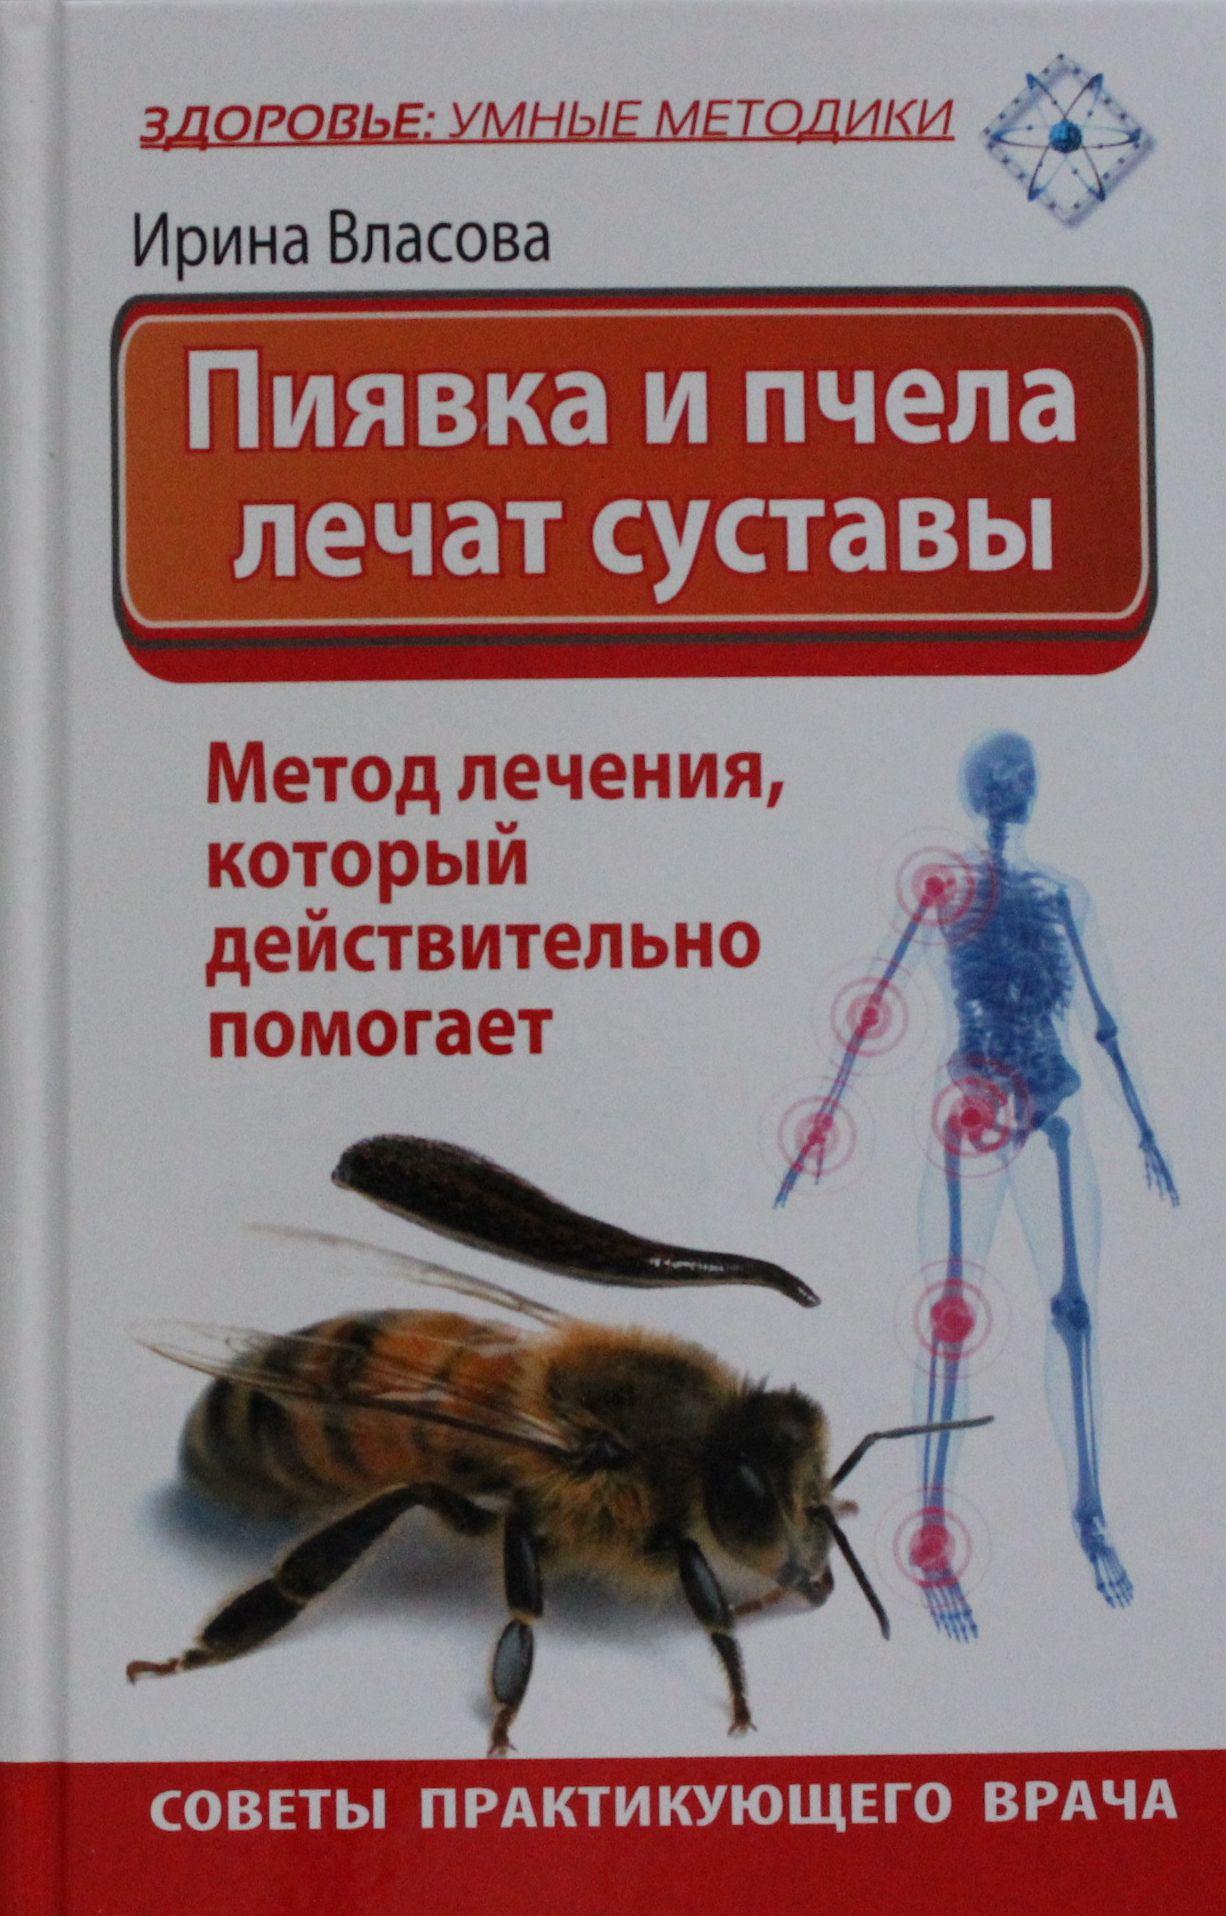 Ирина власова пиявка и пчела лечат суставы сколько стоит операция по замене коленного сустава в беларуси